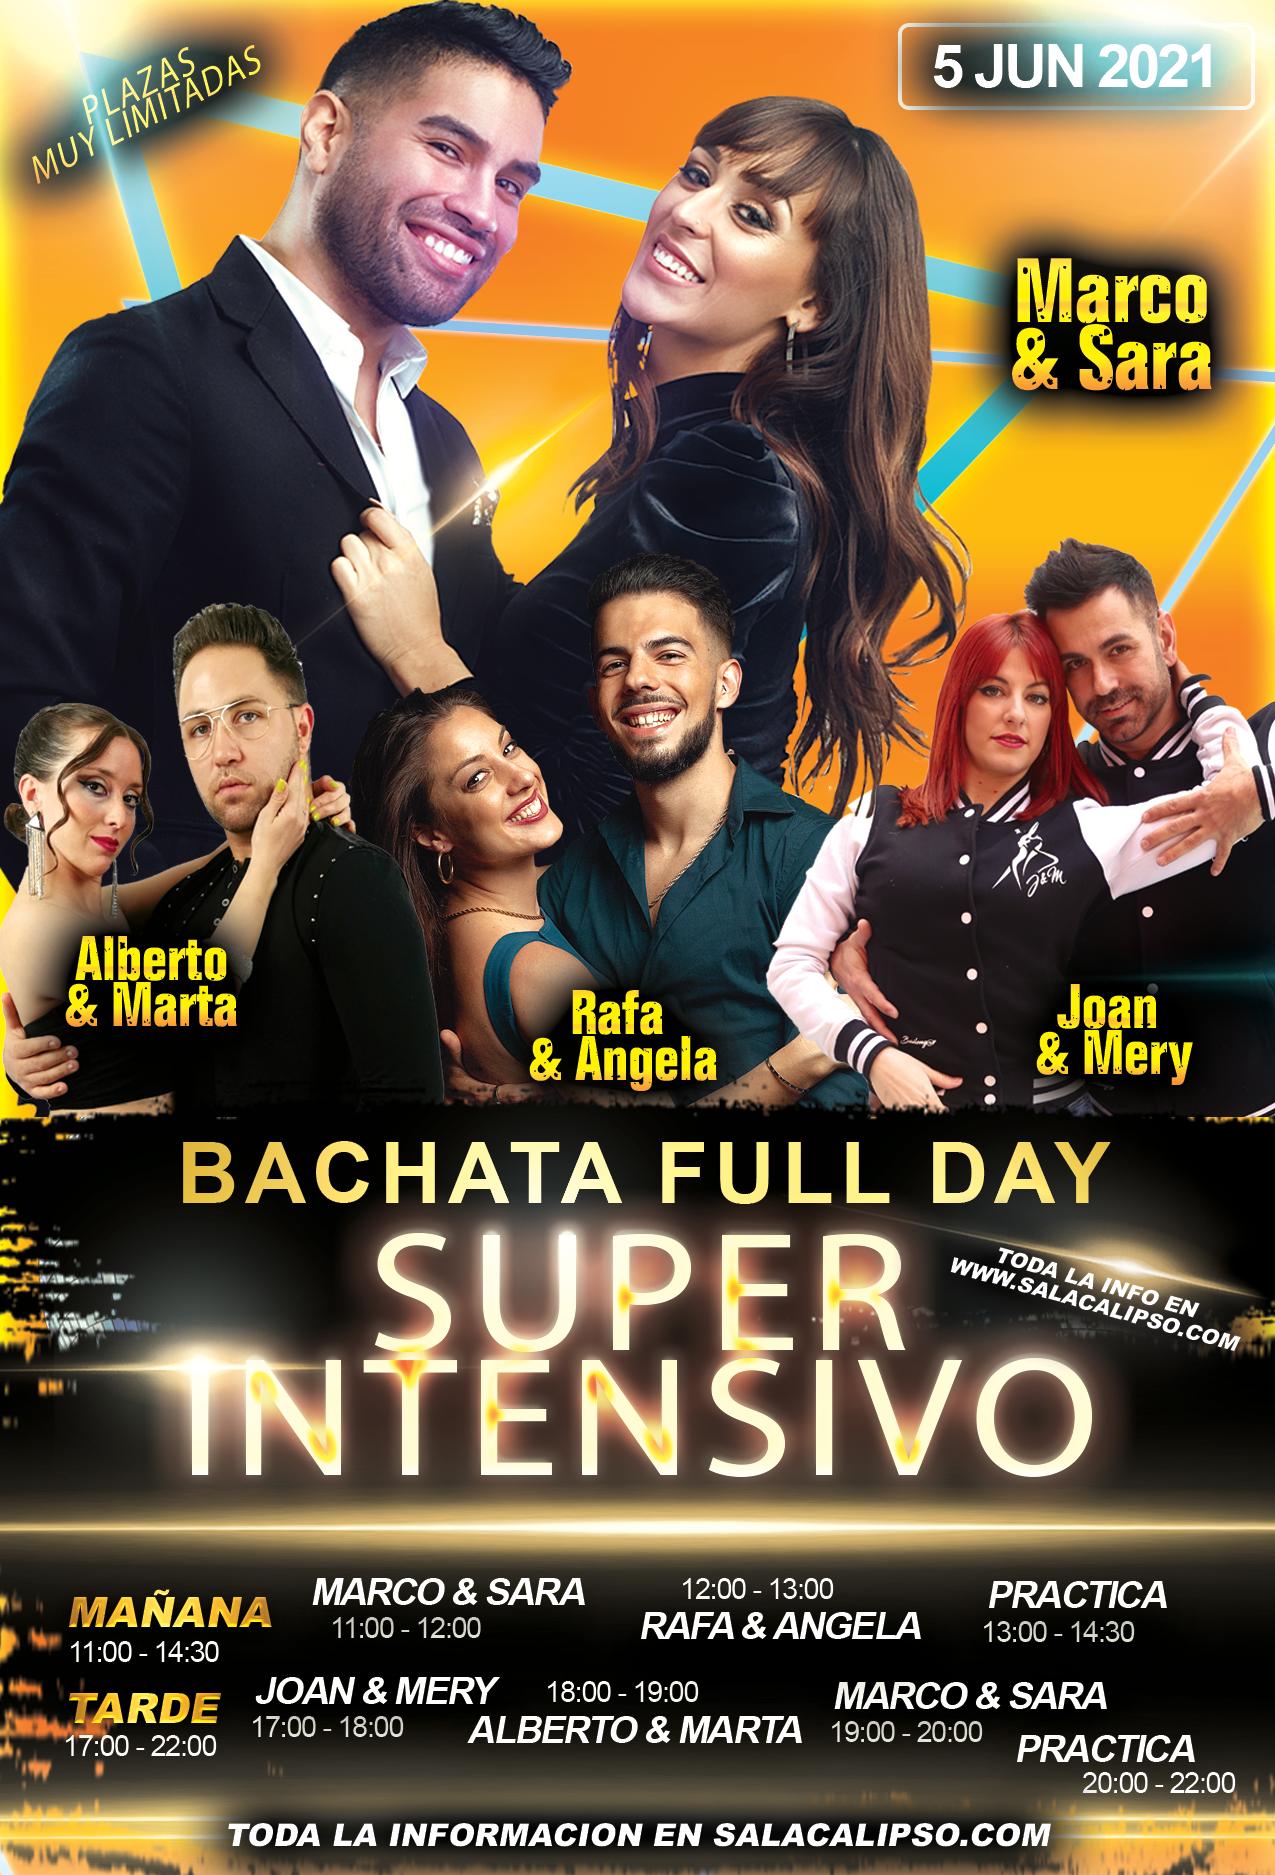 Super Intensivo Bachata - Sabado 5 Junio 2021 - Sala Calipso